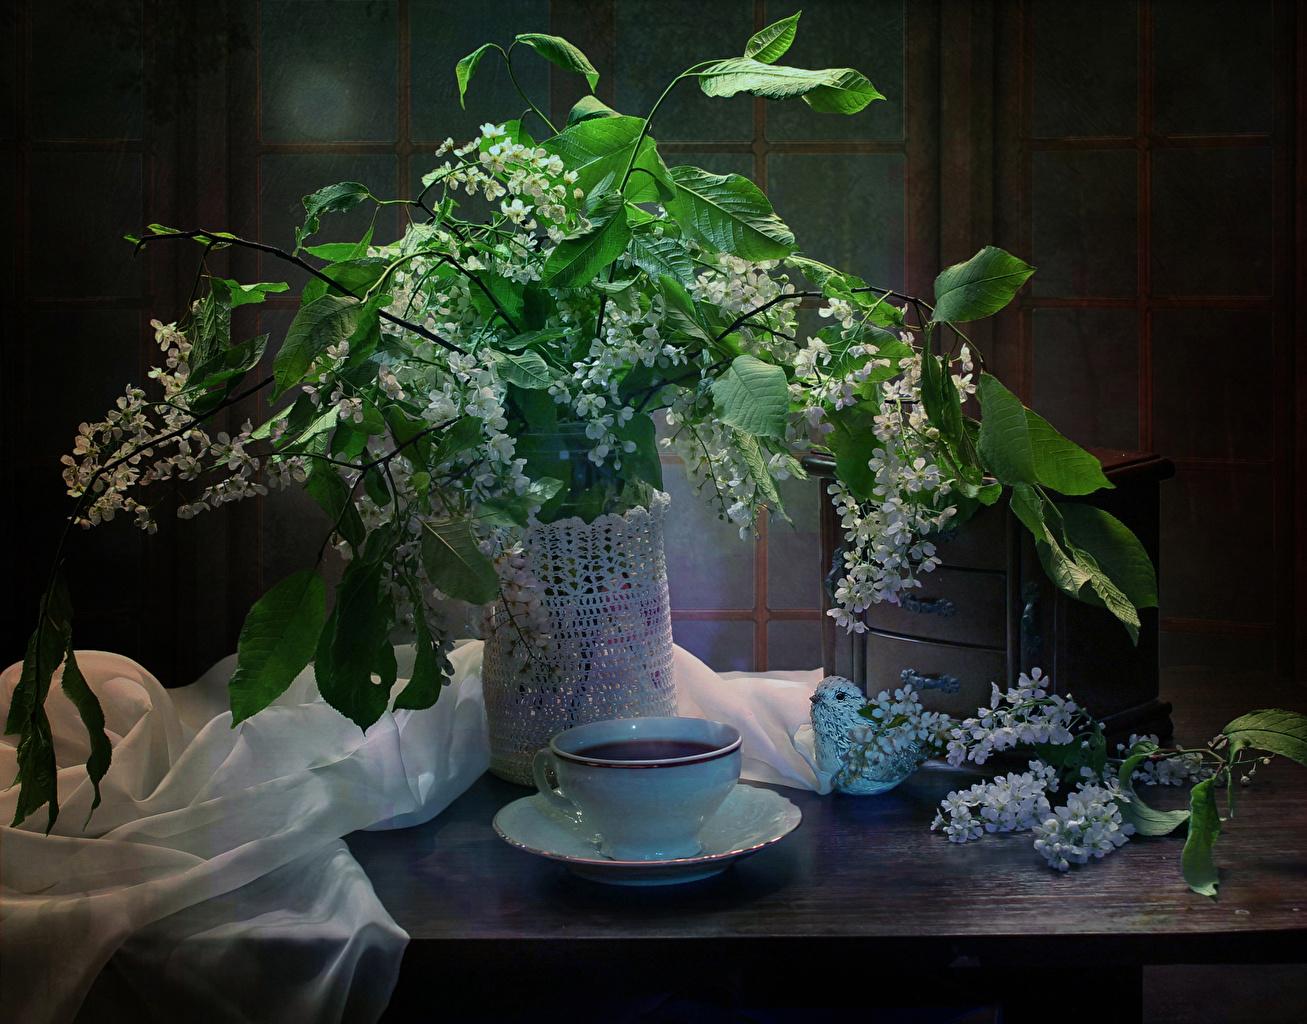 Картинка Чай Цветы Ваза Чашка Ветки Продукты питания Цветущие деревья Еда Пища ветвь